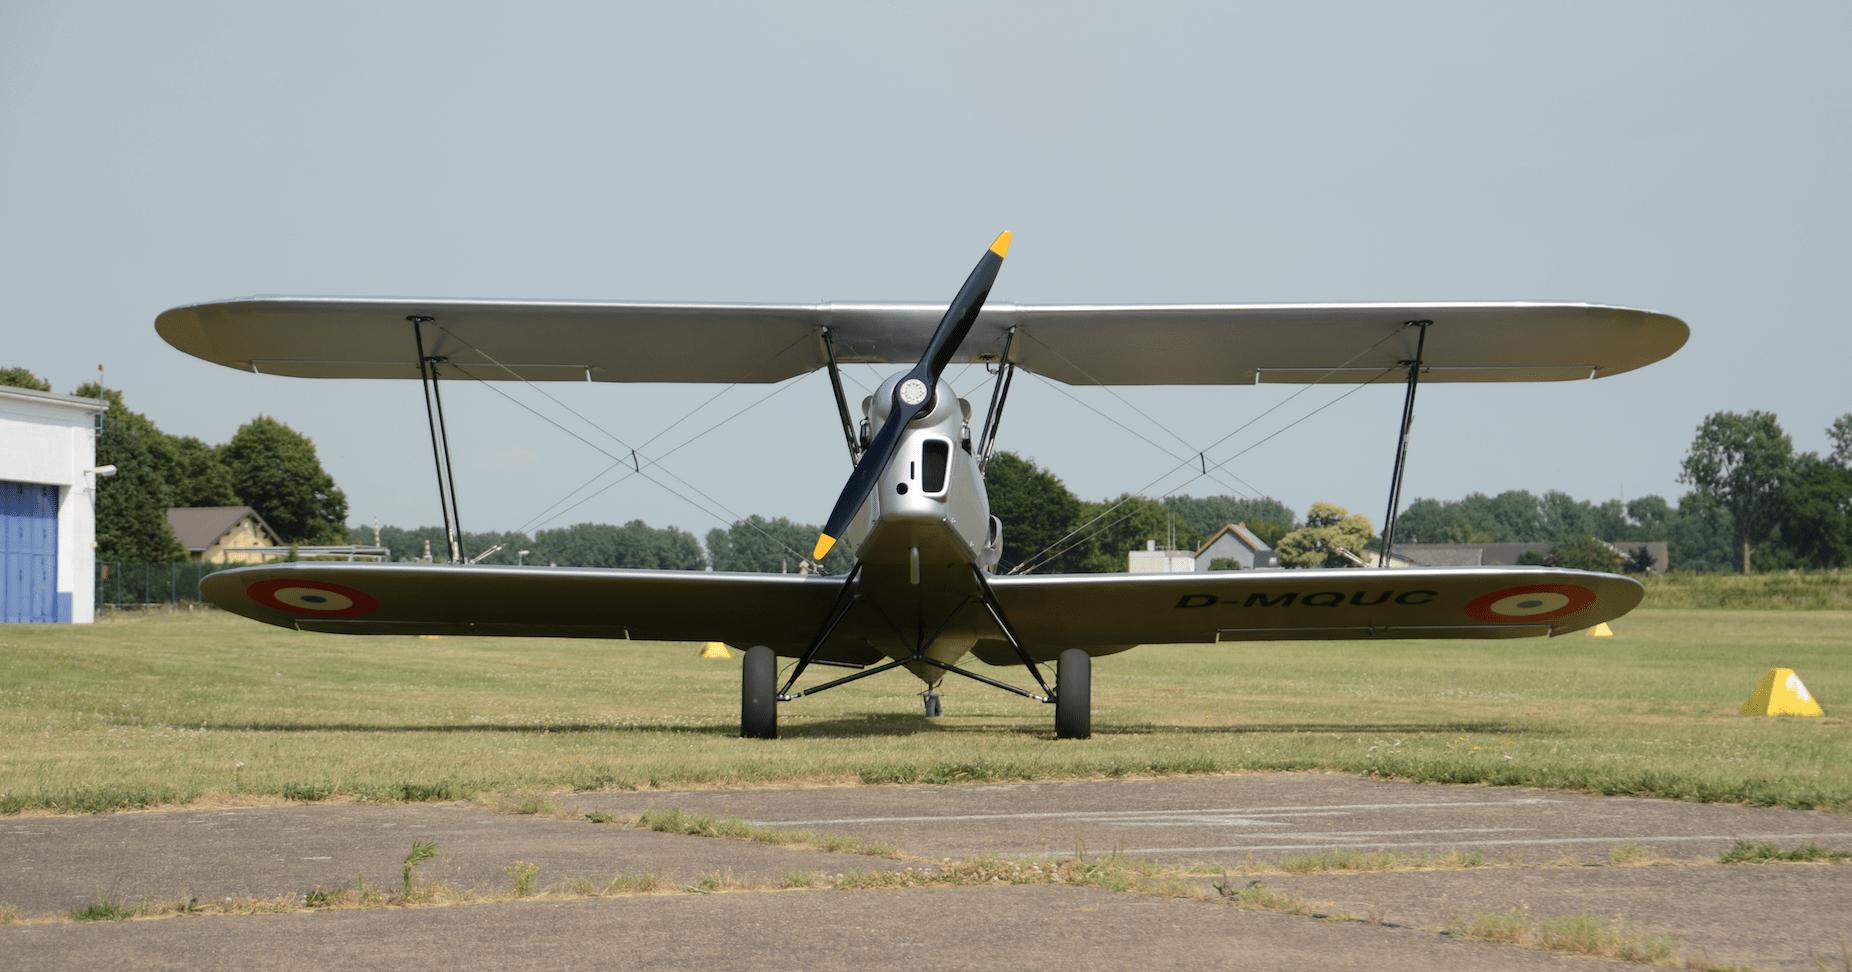 Klassischer Doppeldecker: Sogar der Hercules-Propeller ist vom gleichen Hersteller wie einst